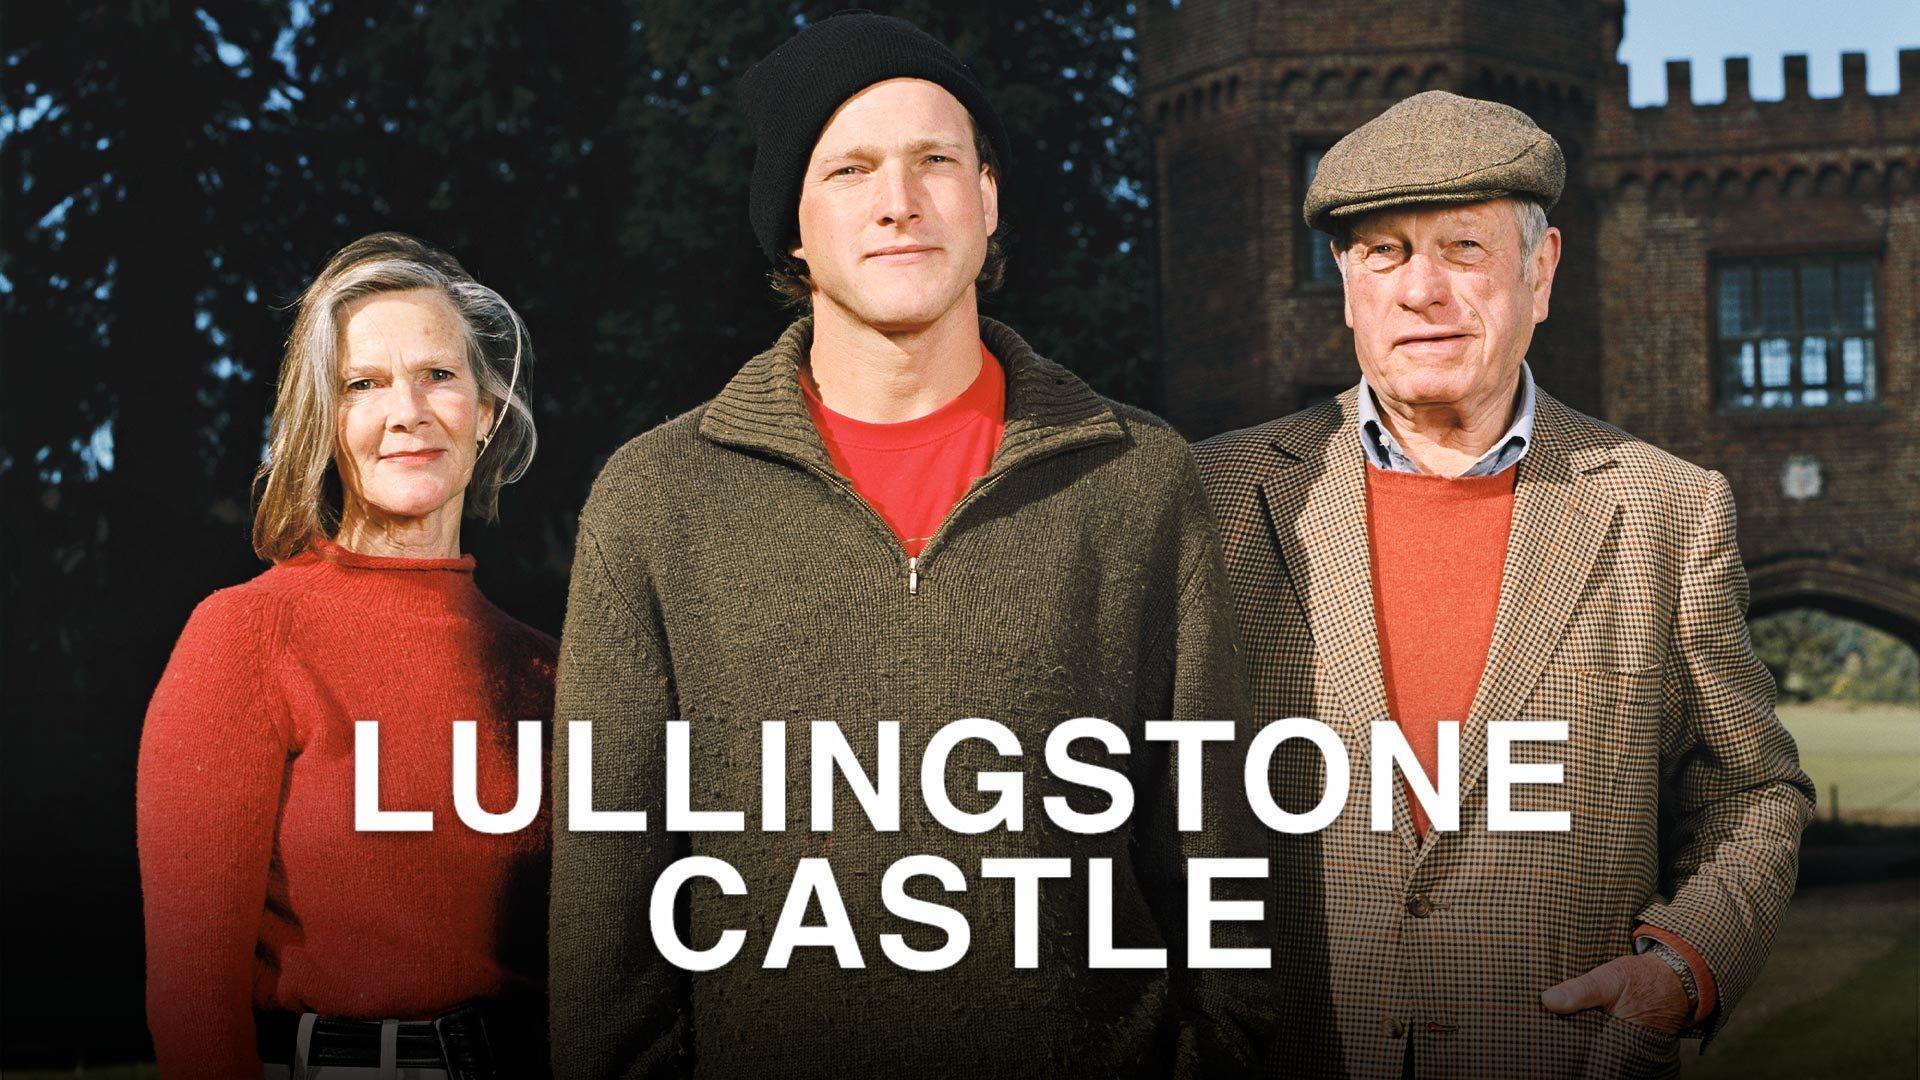 Lullingstone Castle on BritBox UK